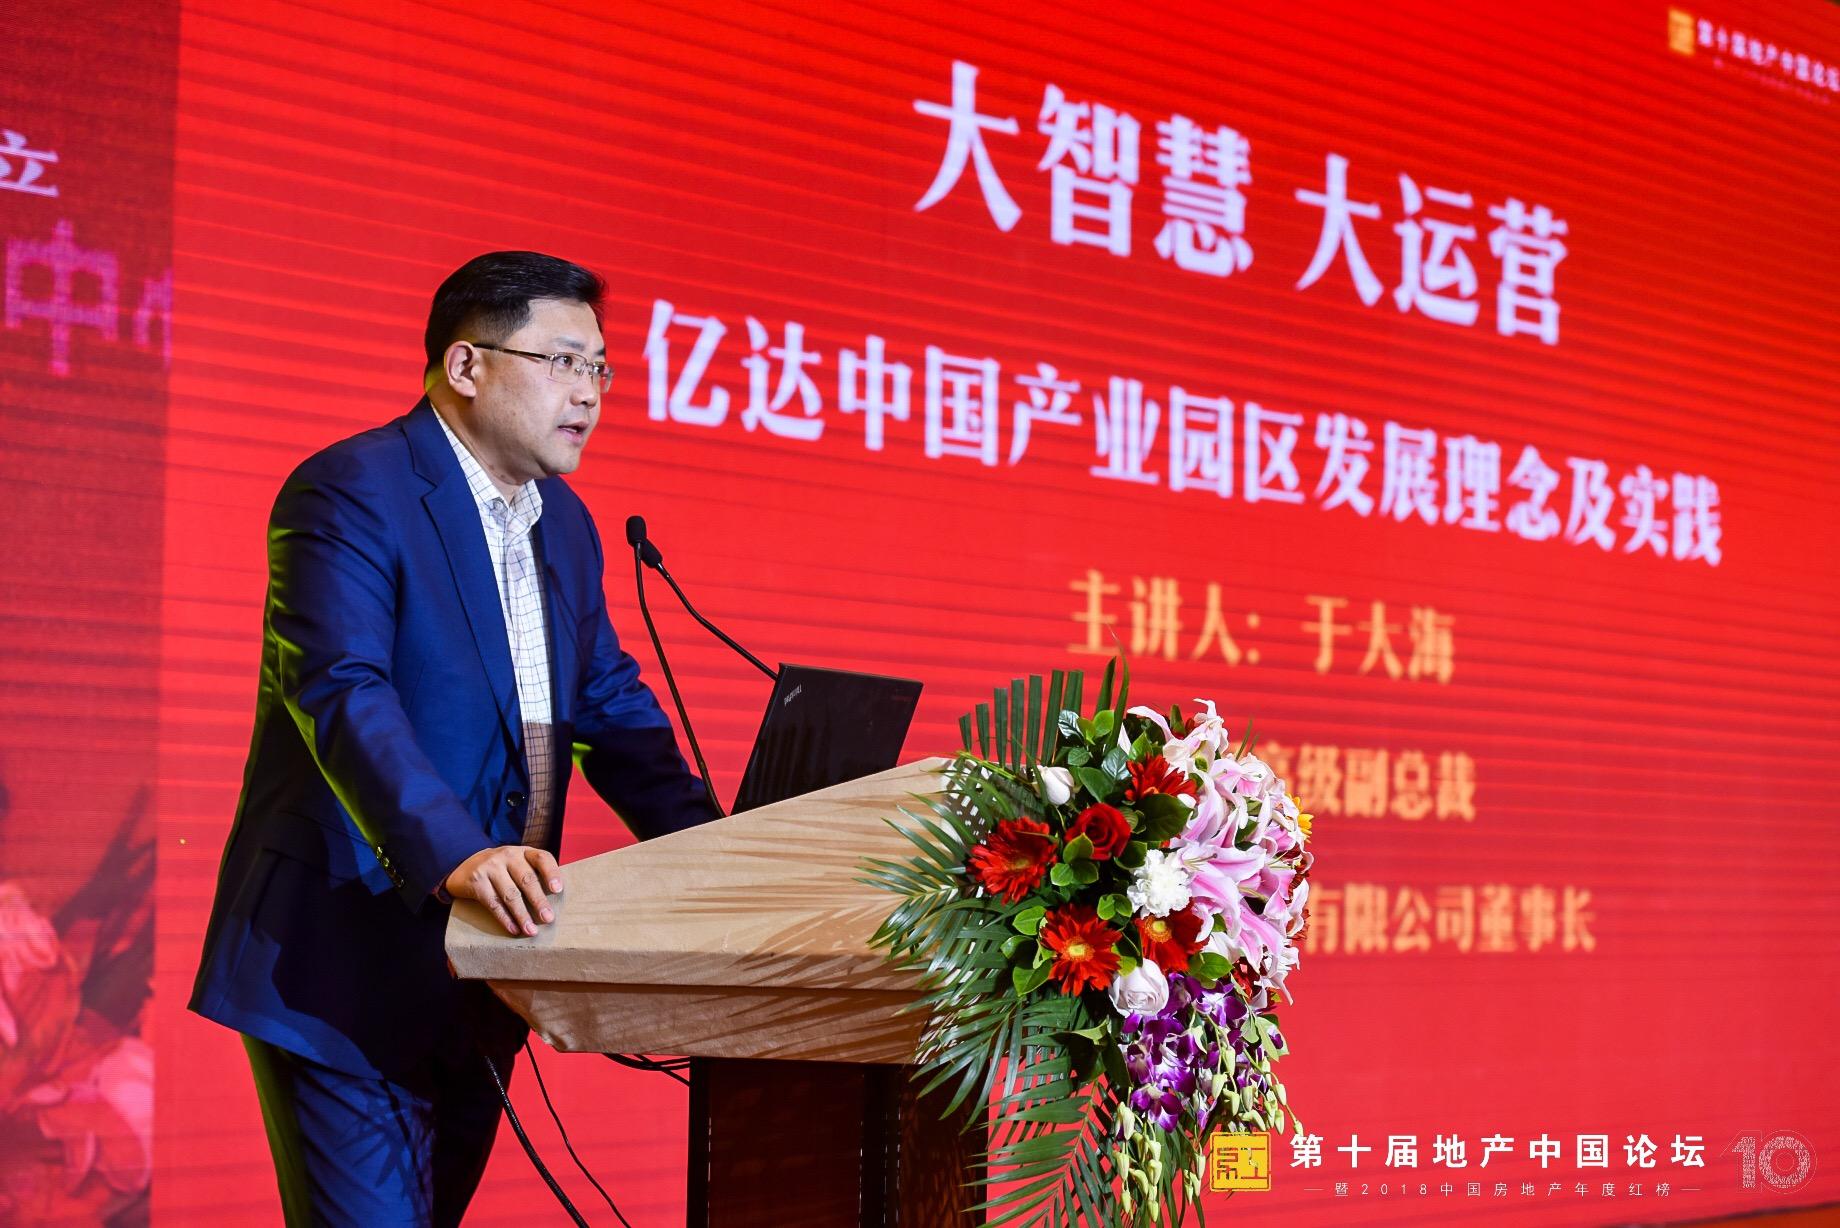 于大海:供大于求 助推产业地产轻资产发展 -中国网地产